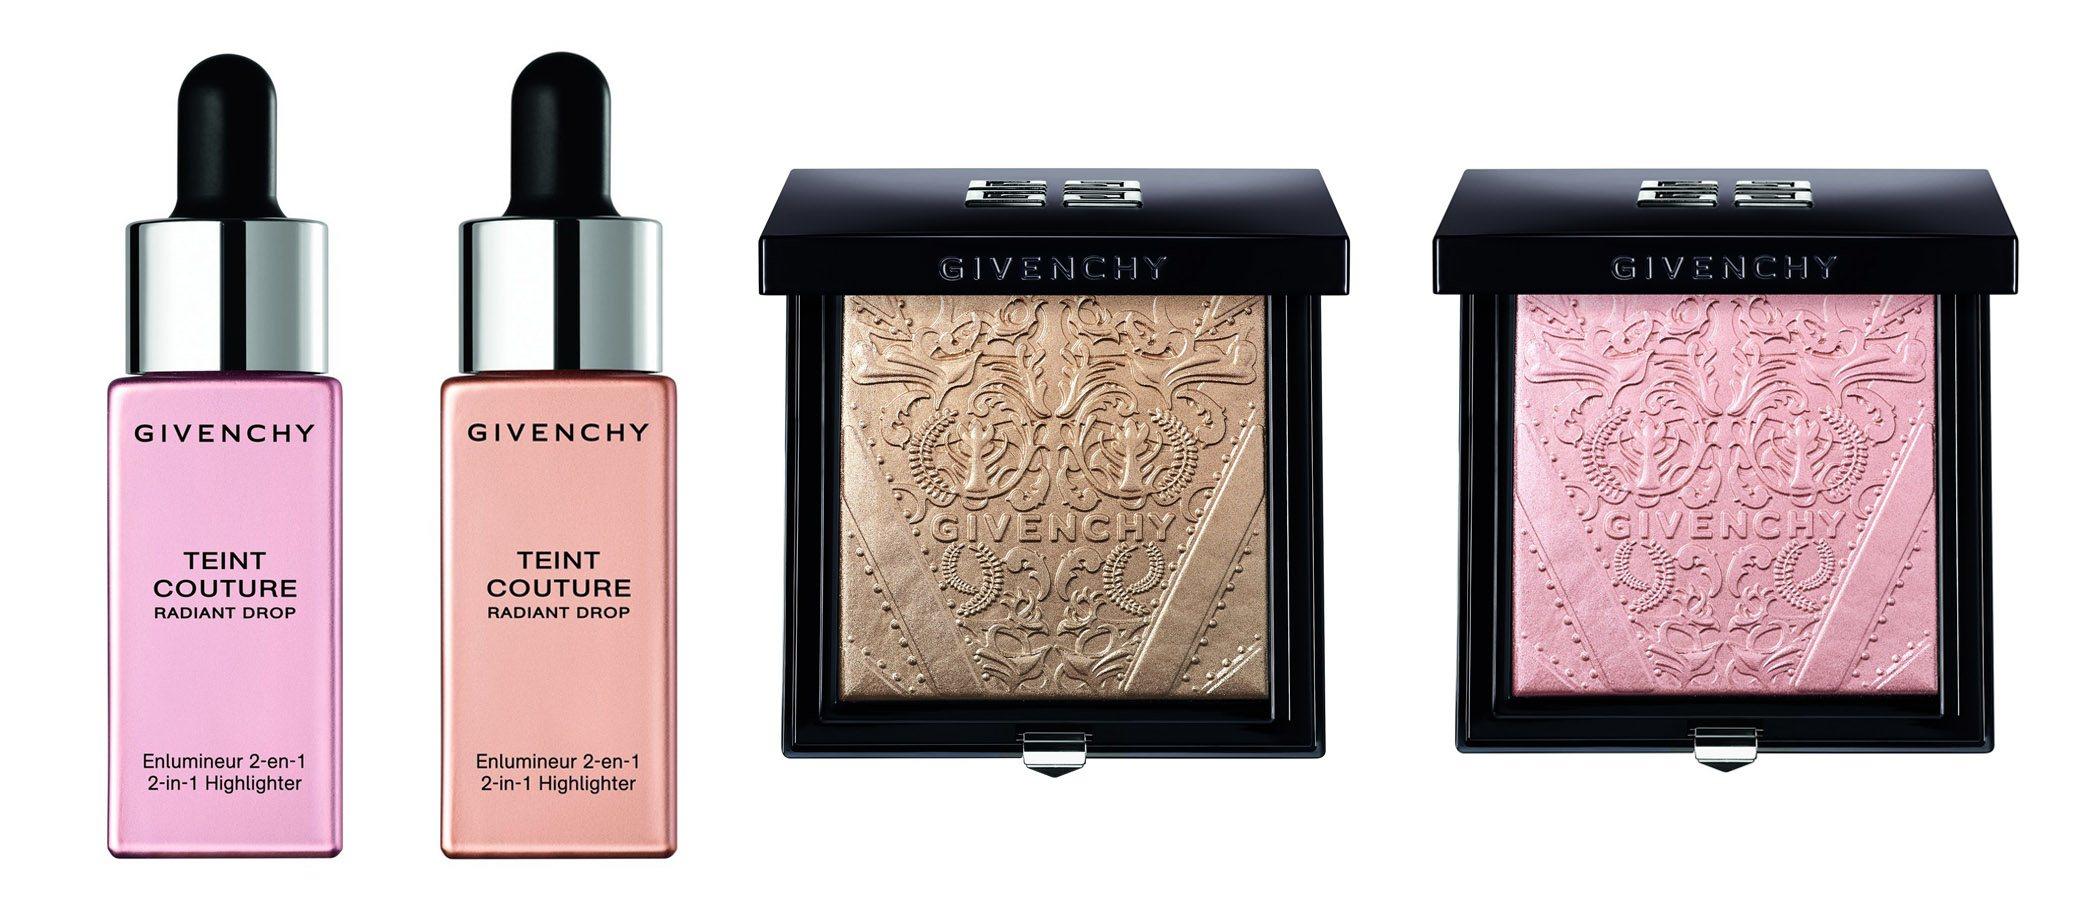 Nuevos iluminadores de la línea de belleza de la firma Givenchy